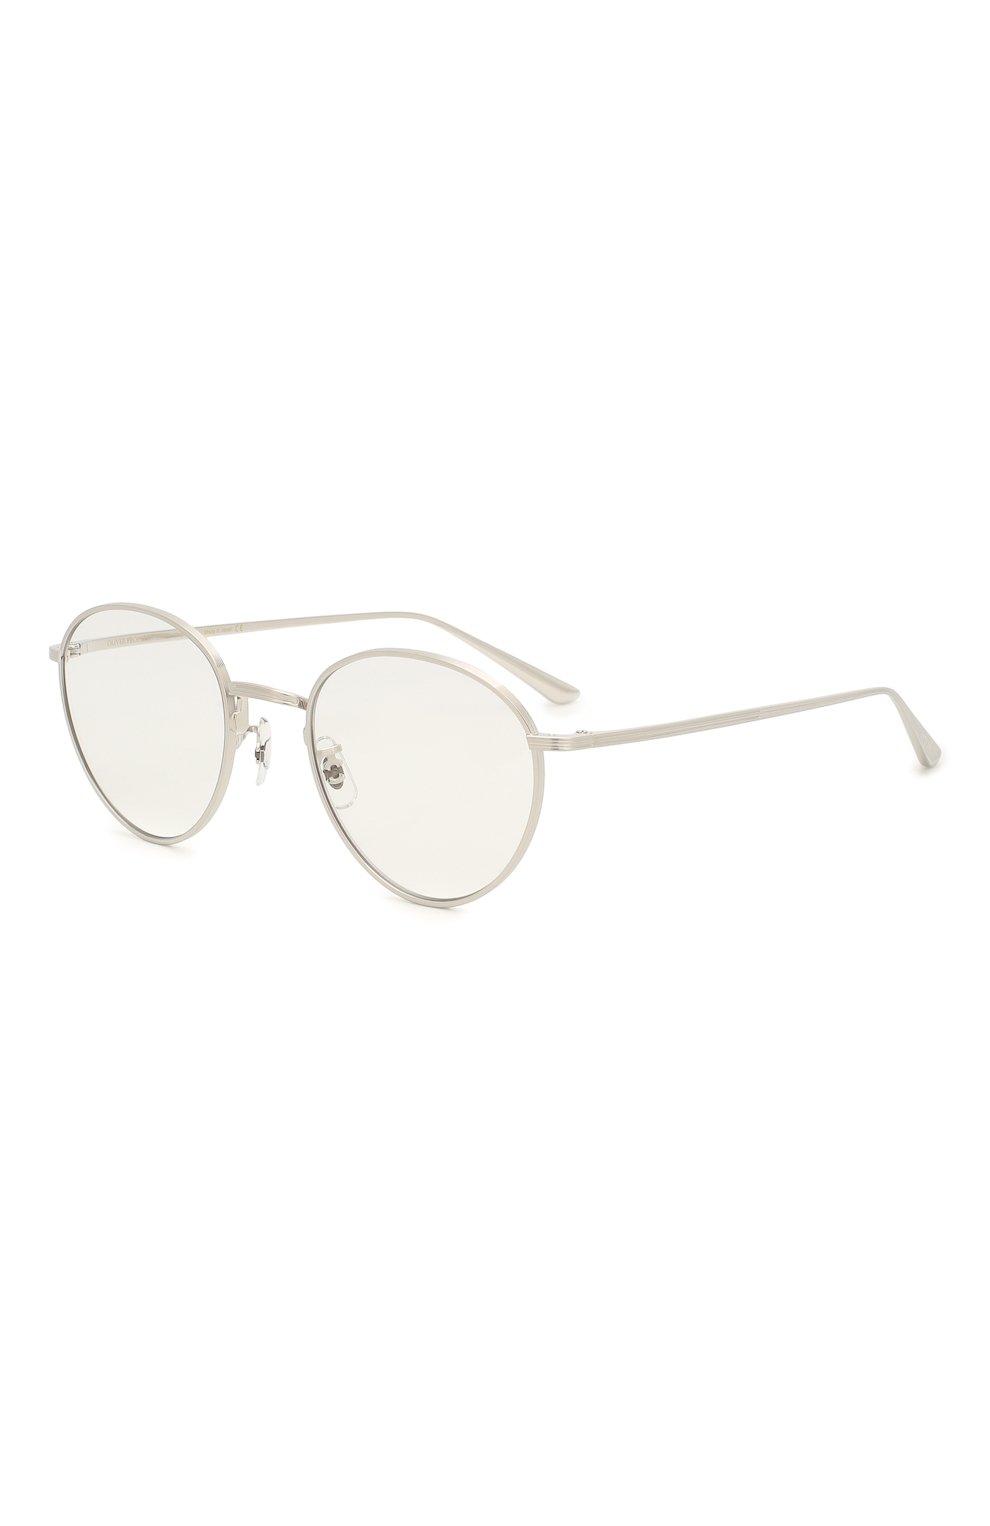 Женские солнцезащитные очки OLIVER PEOPLES серебряного цвета, арт. 1231ST-50361W   Фото 1